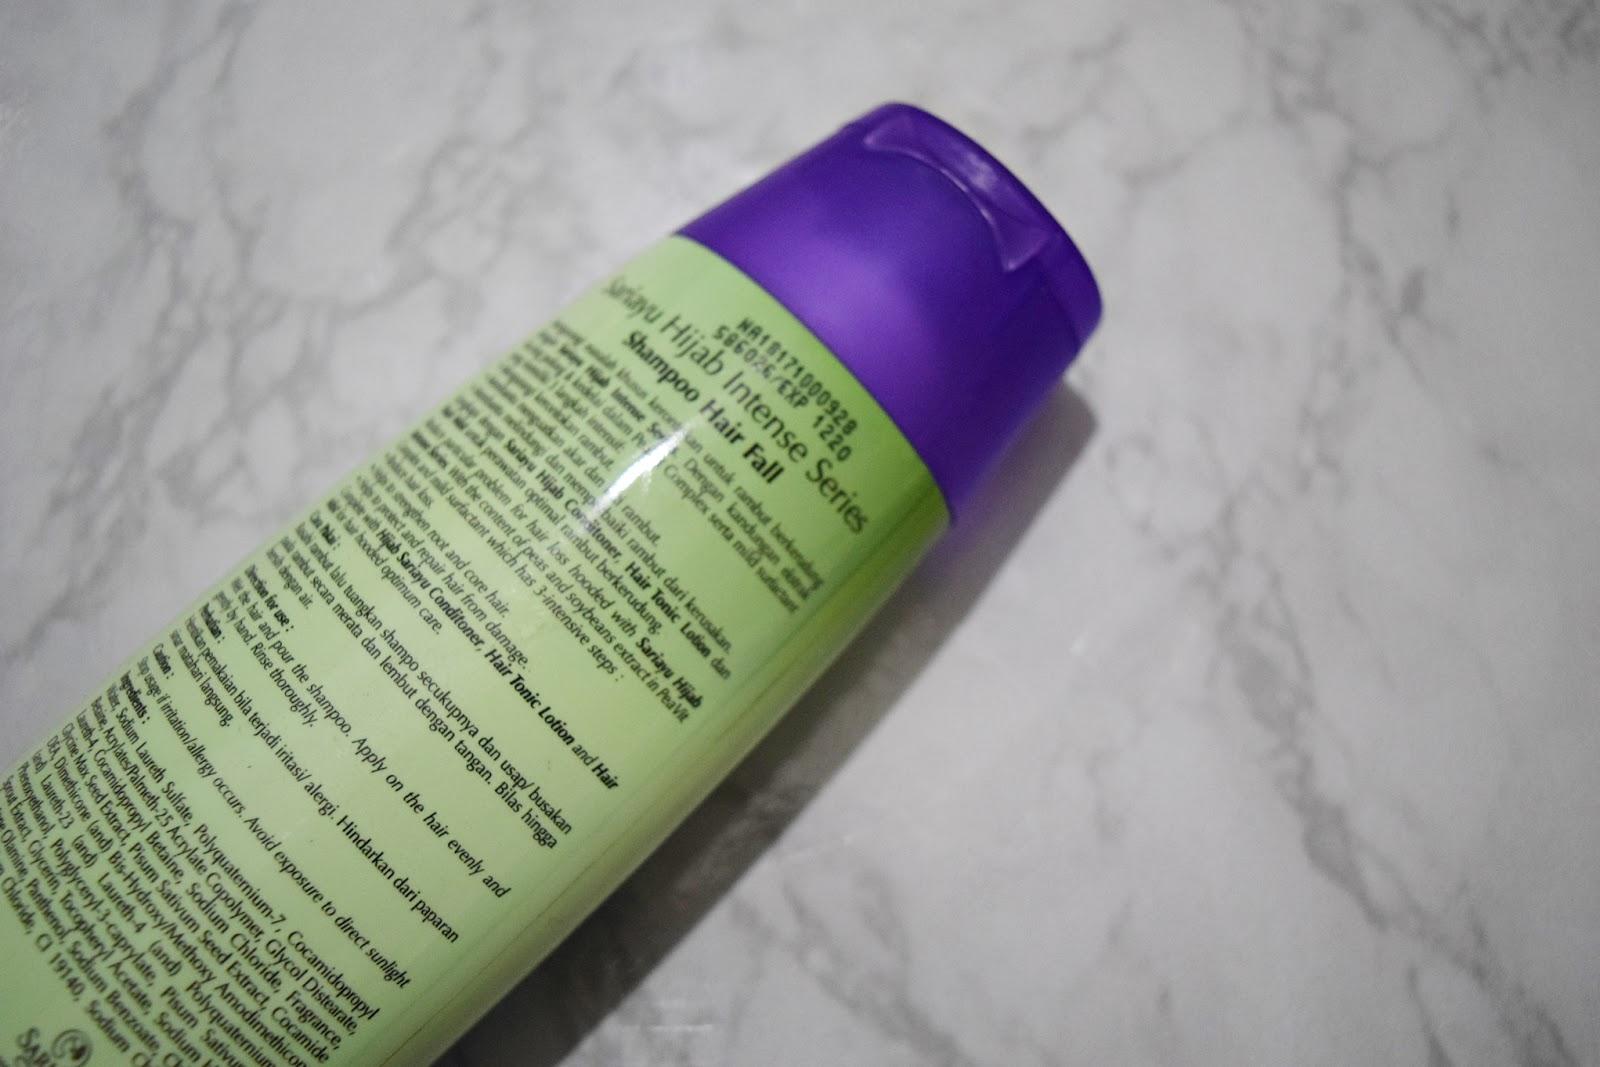 Jehanina Review Sariayu Hijab Intense Series Shampoo Hairfall Sari Ayu Hair Fall 180ml Ini Dia Tampilan Dari Perpaduan Warna Hijau Dan Ungu Yang Ciamik Di Bagian Depan Ada Merk Produk